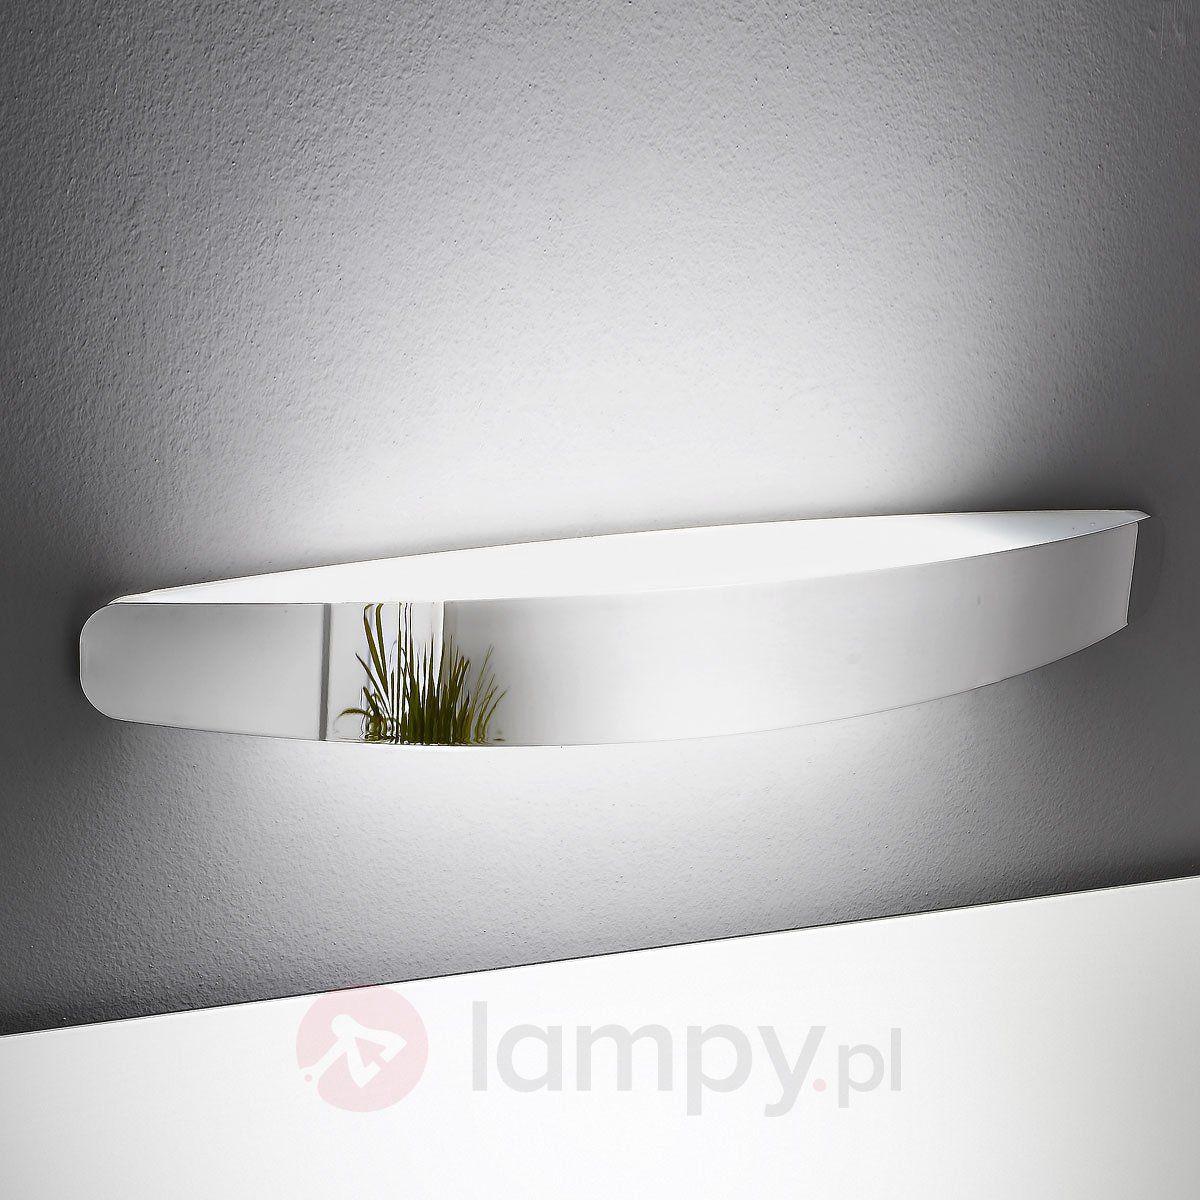 Półokrągła ścienna łazienkowa lampa PRIME 6042116XLampy thsQrd